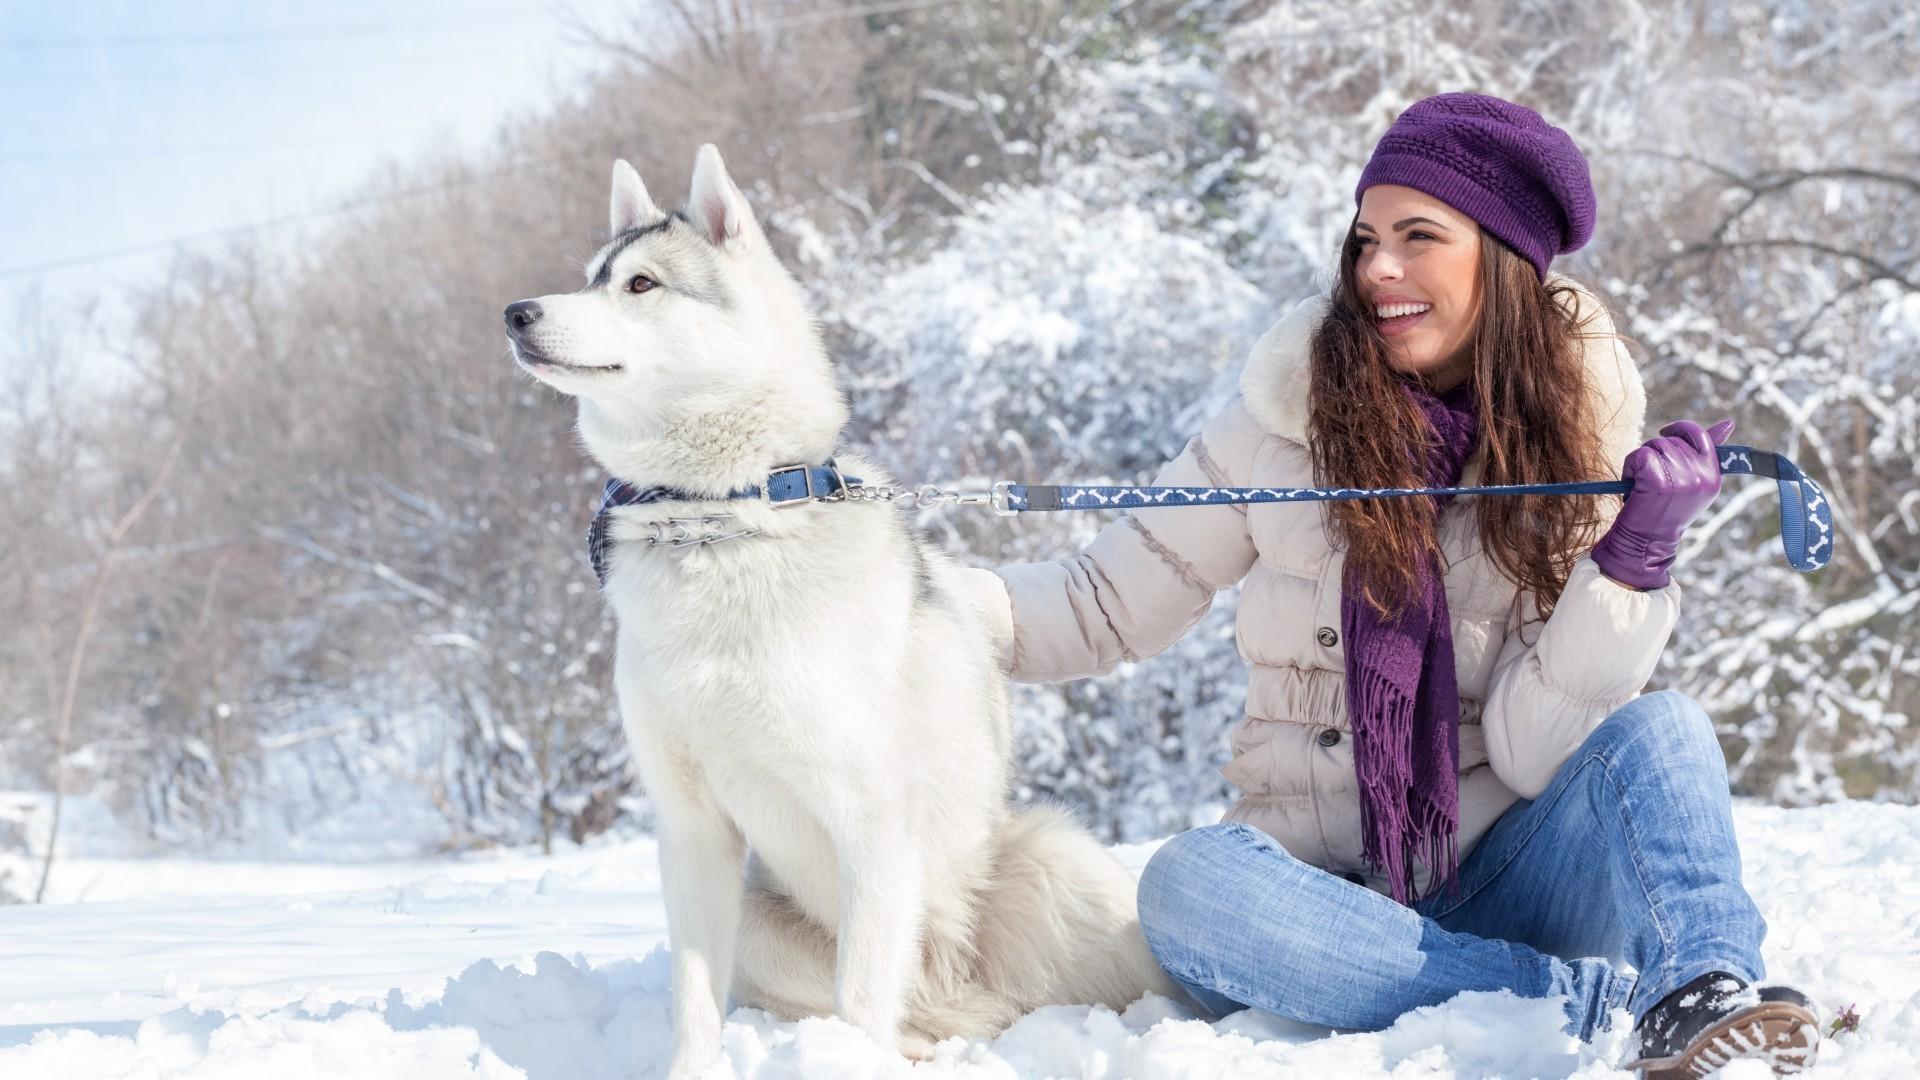 девушка брюнетка зима снег winter snow  № 2816718 бесплатно